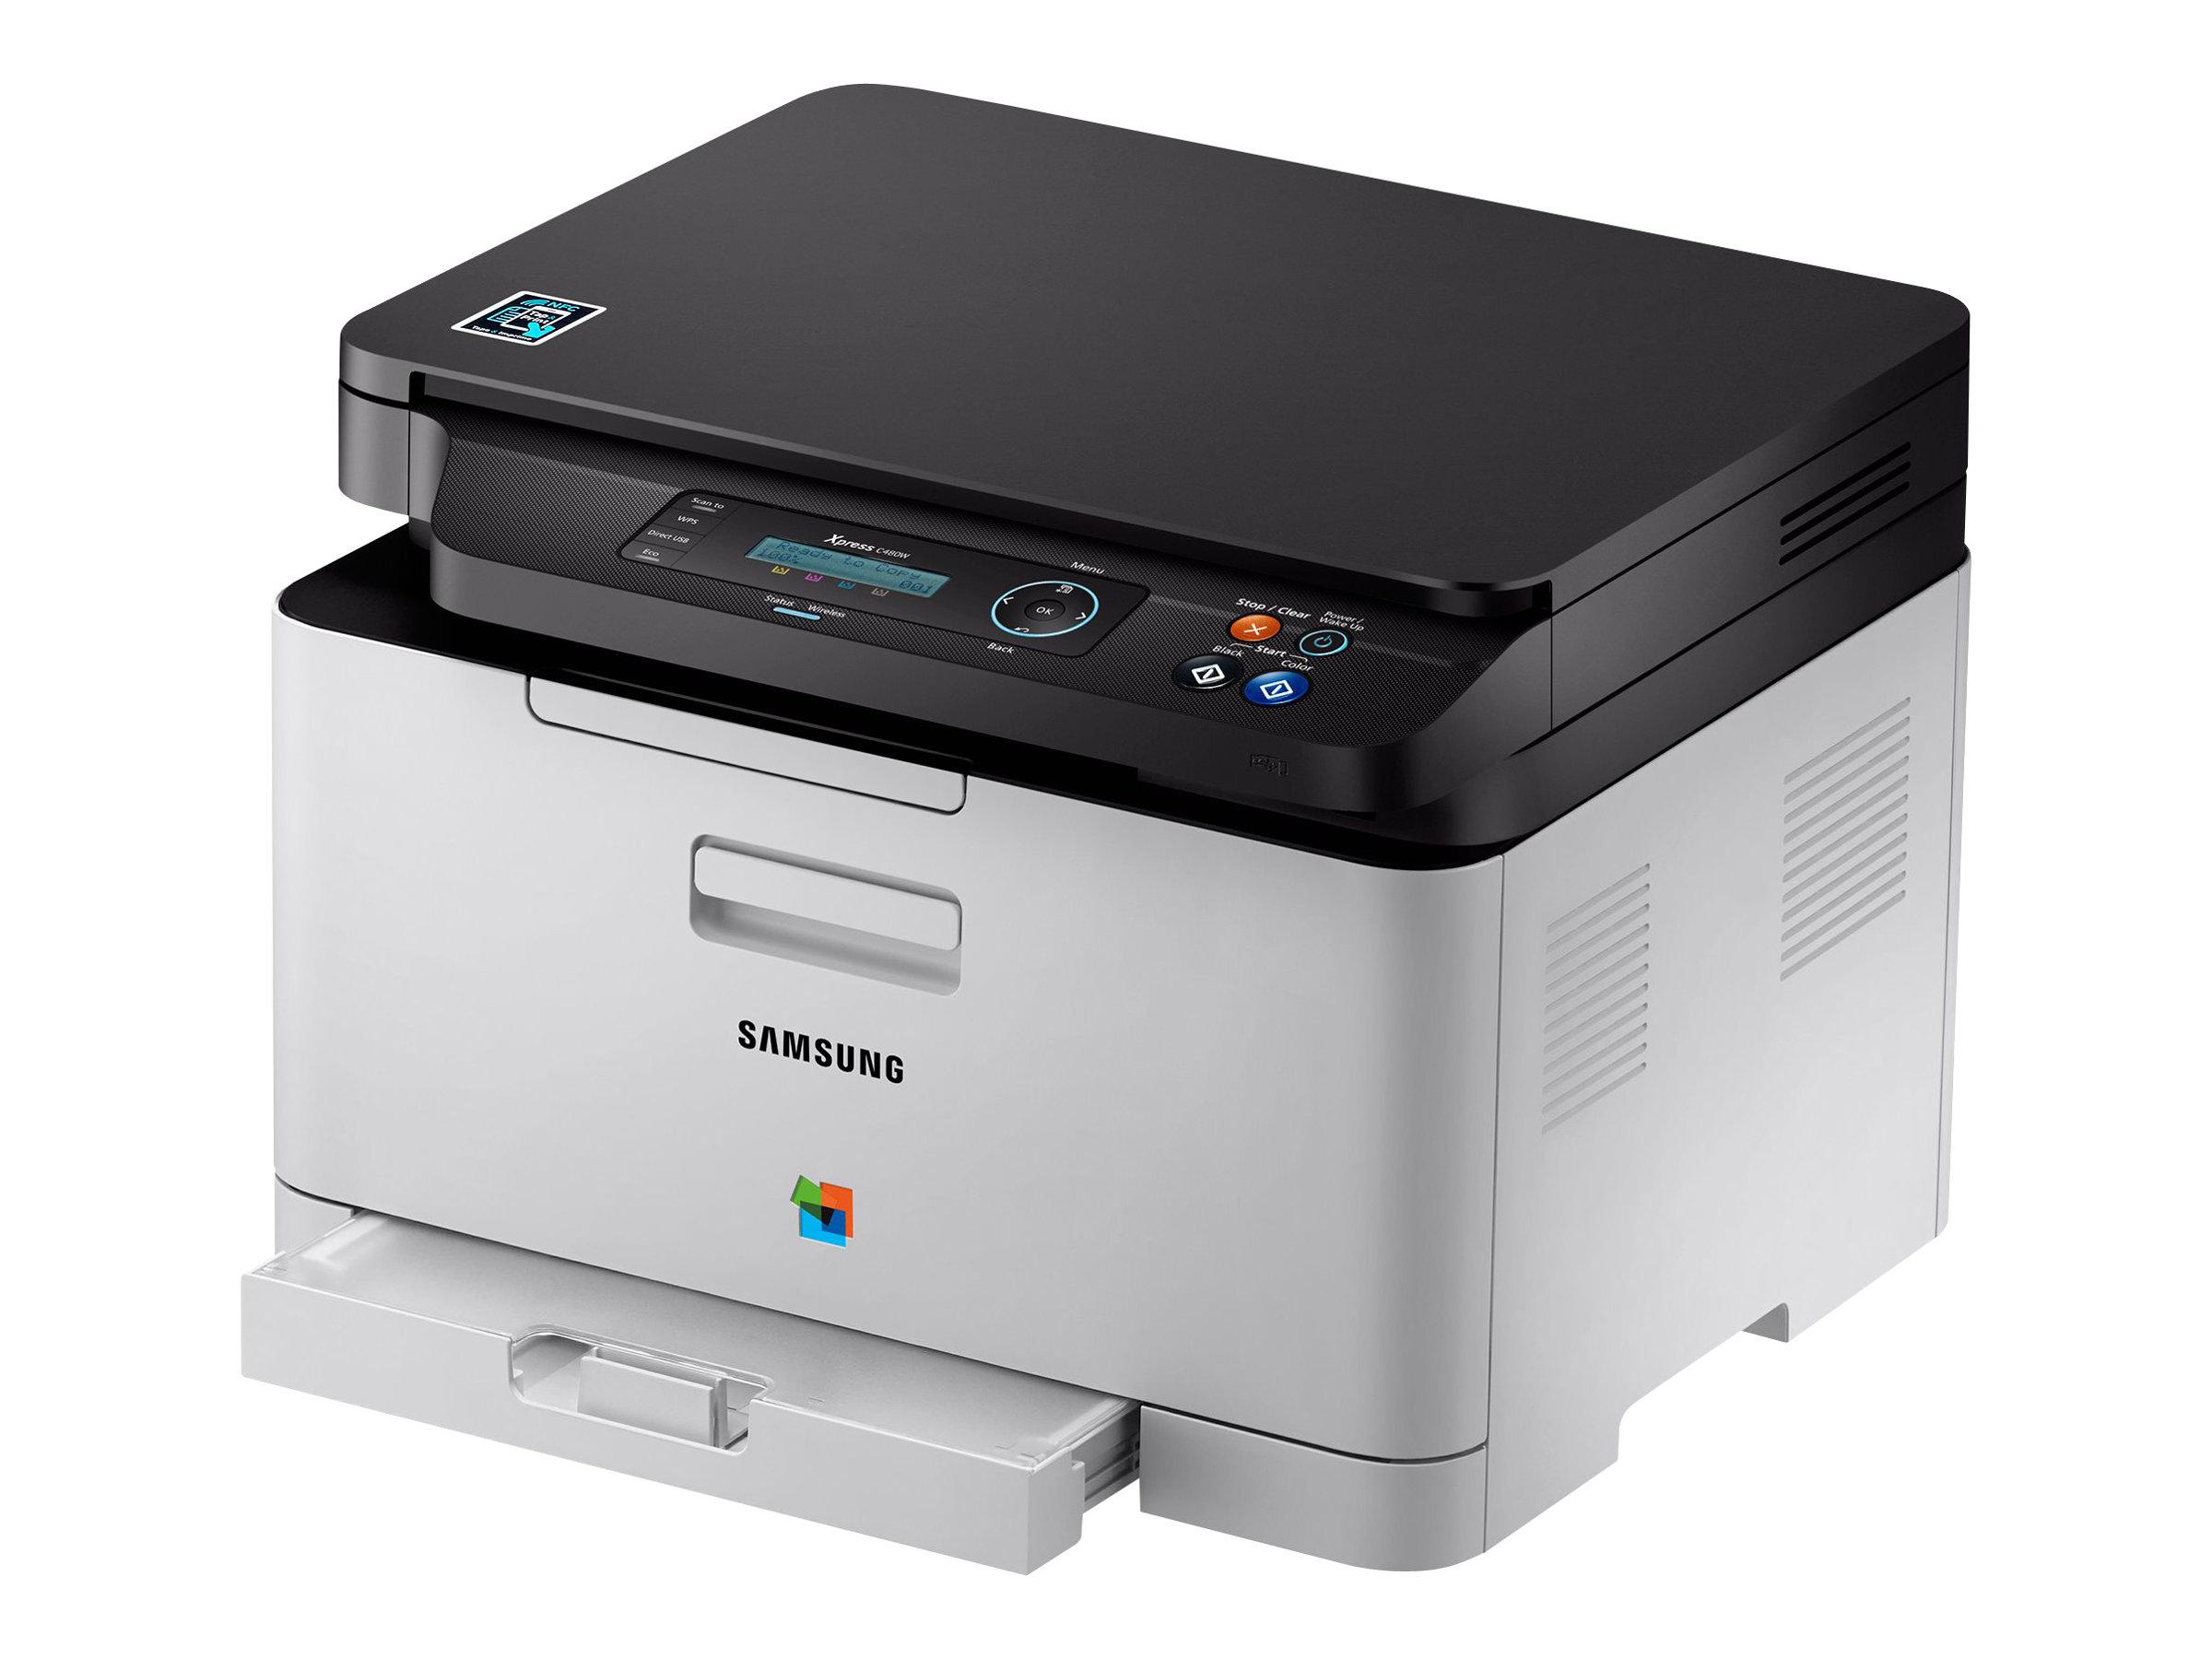 samsung xpress c480w farblaser multifunktionsdrucker der preisvergleich der. Black Bedroom Furniture Sets. Home Design Ideas